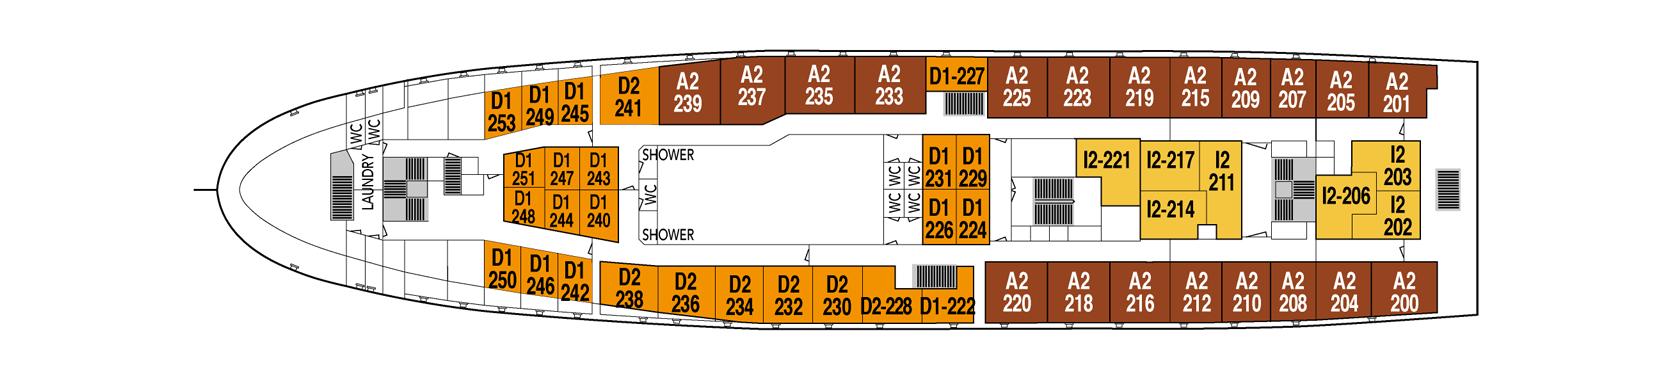 Hurtigruten MS Lofoten Deck Plans Deck 6.png